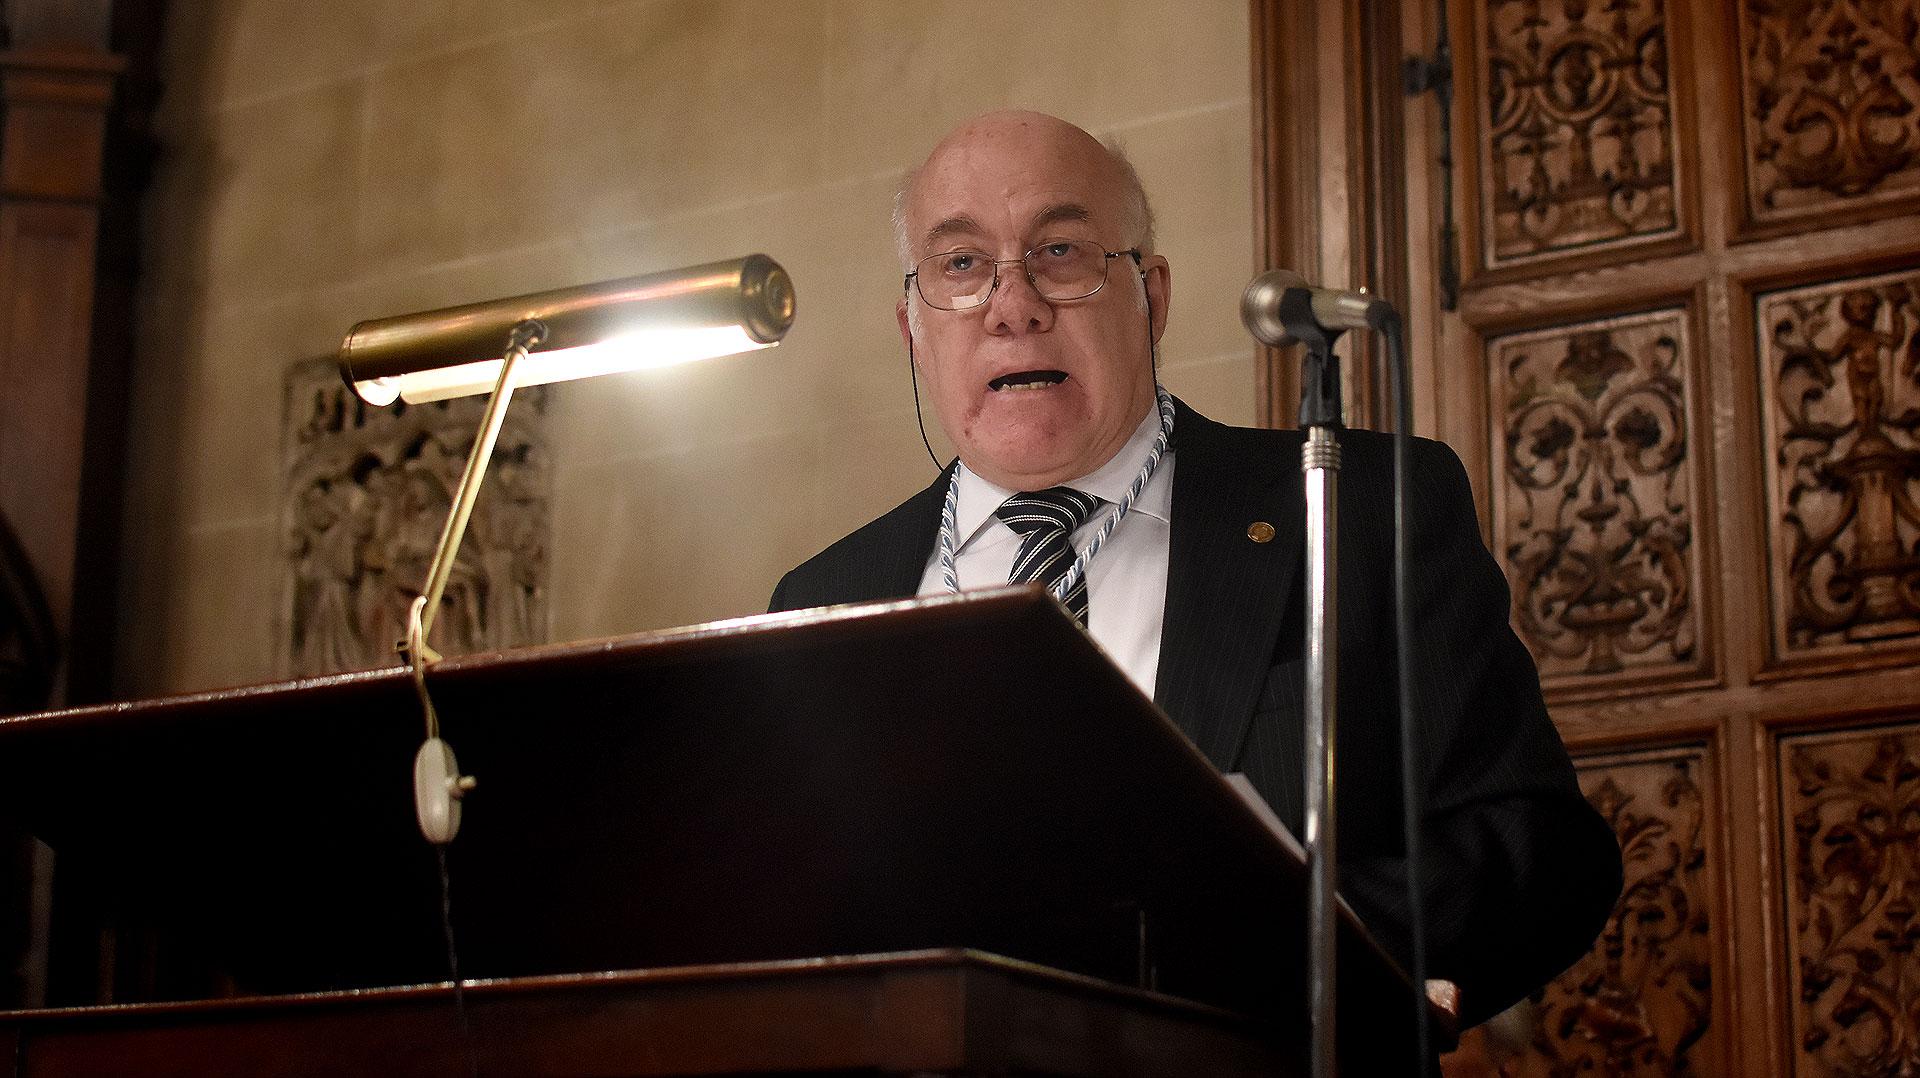 José Luis Moure dando su discurso inaugural